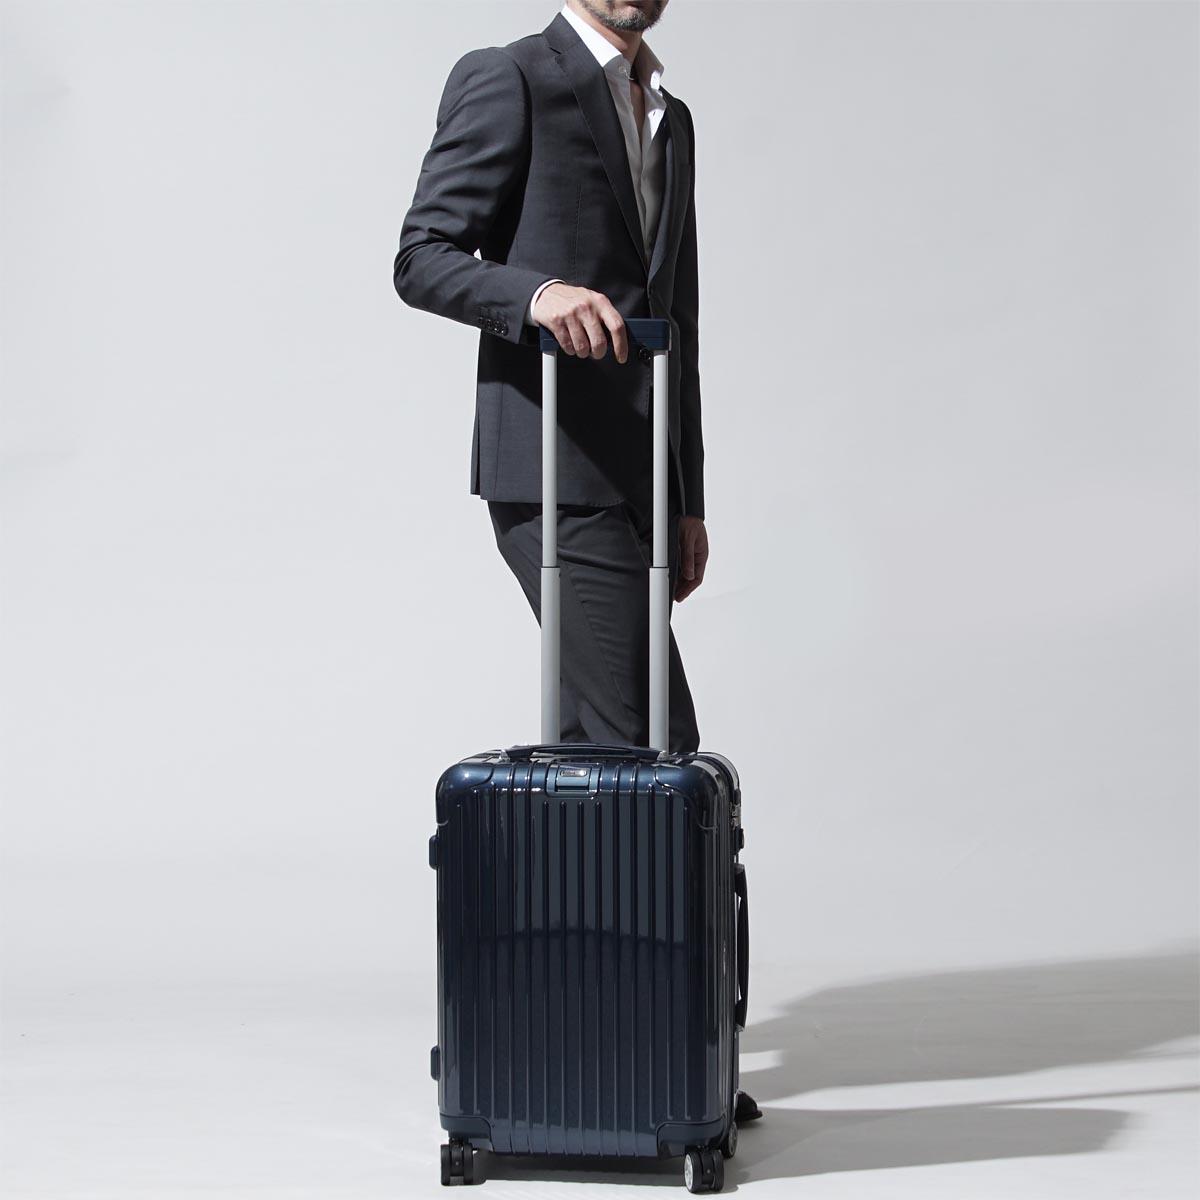 52ee63711228 リモワ RIMOWA スーツケース キャリーケース ブルー メンズ レディース 旅行 トラベル 出張 ビジネストローリー 831.53.12.4  SALSA DELUXE CABIN 53 MULTIWHEEL 37L ...